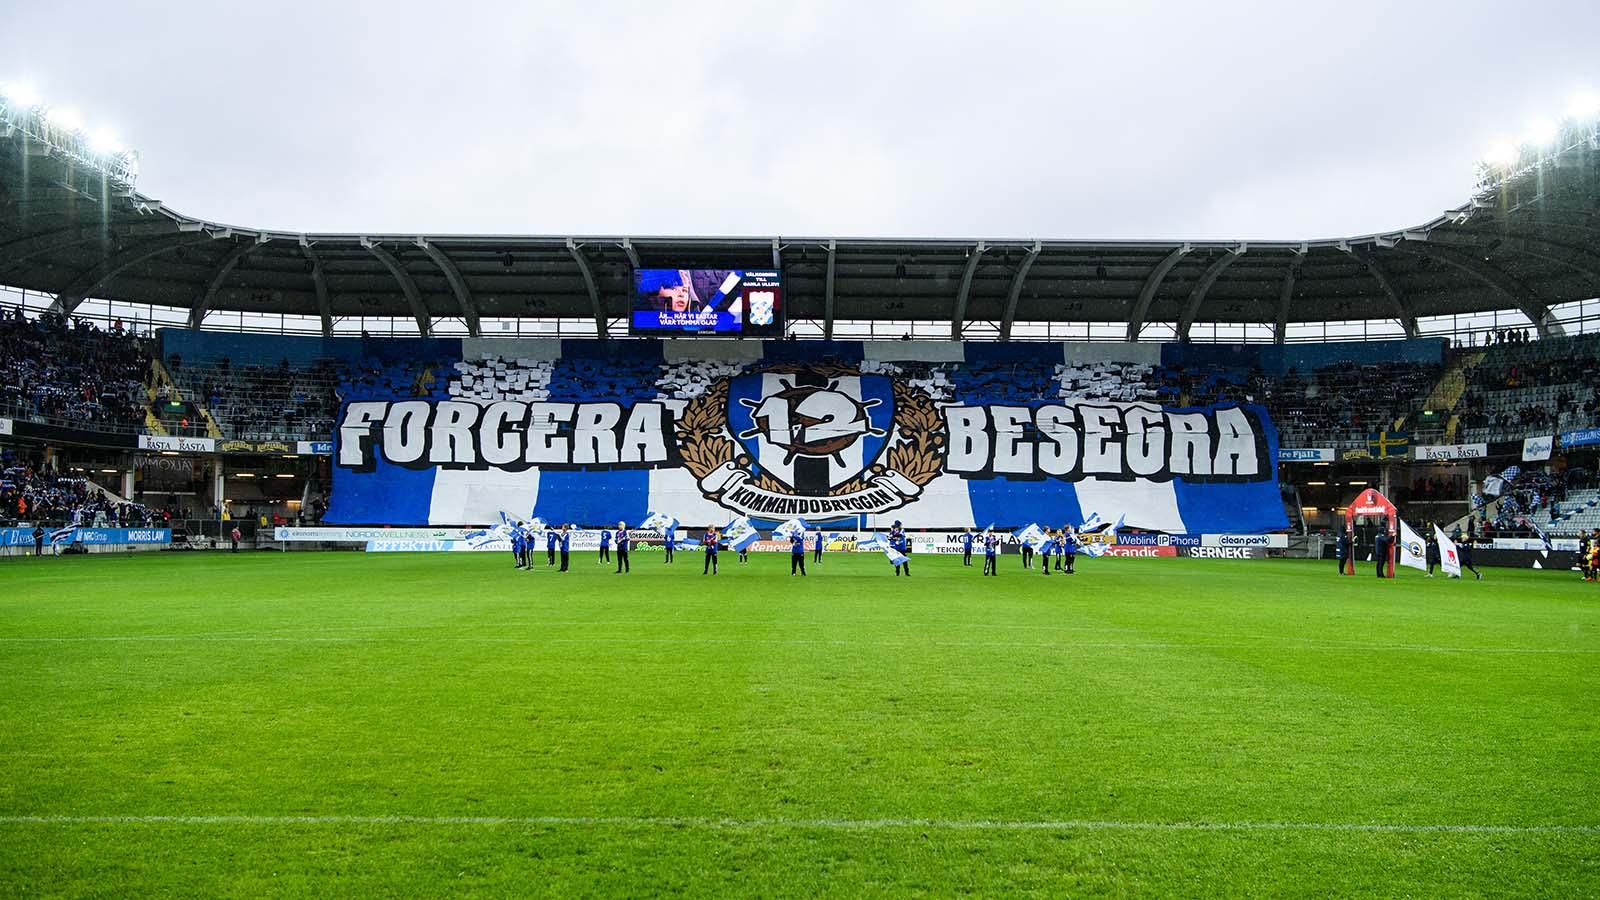 180916 IFK Göteborgs supportrar med Tifo under fotbollsmatchen i Allsvenskan mellan IFK Göteborg och Elfsborg den 16 september 2018 i Göteborg. Foto: Jörgen Jarnberger / BILDBYRÅN / Kod JJ / Cop 112